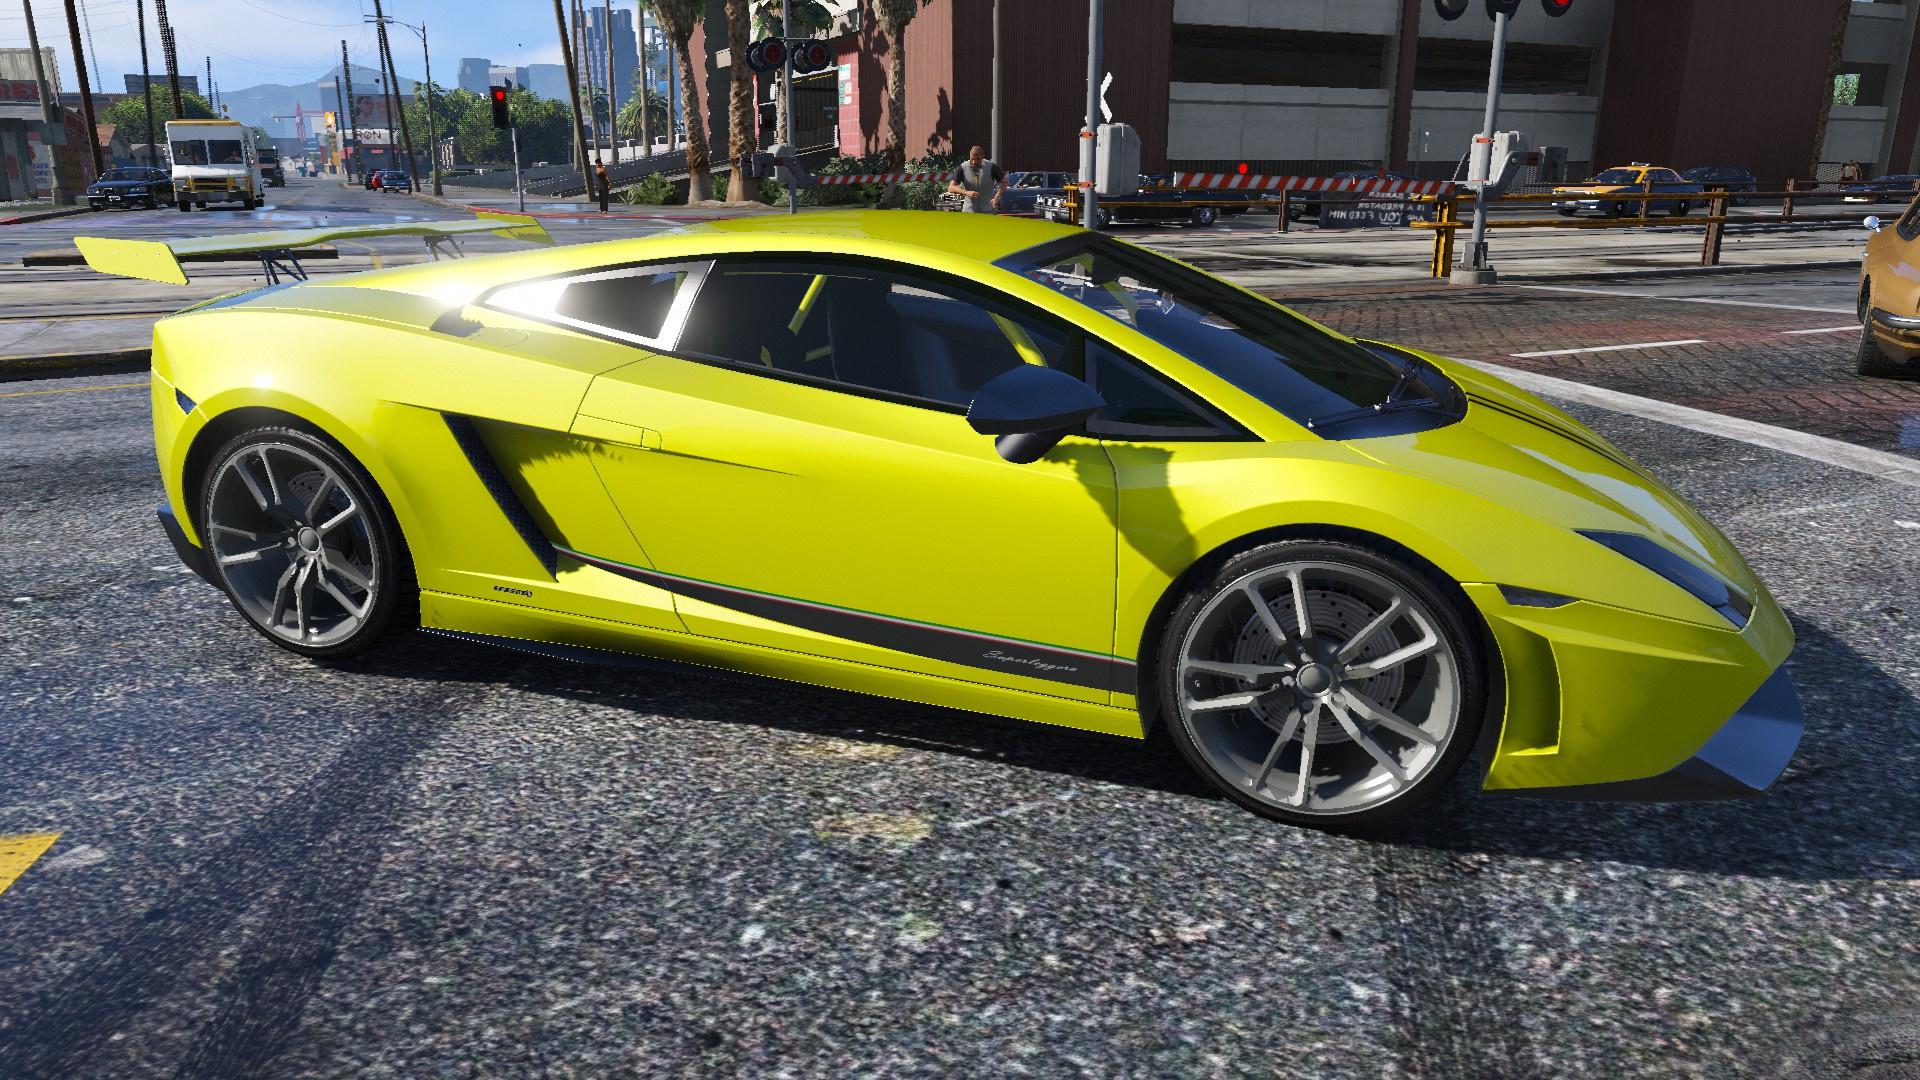 031dbe 2015 12 26 00010 - Lamborghini Gallardo Superleggera Lp570 4 Yellow